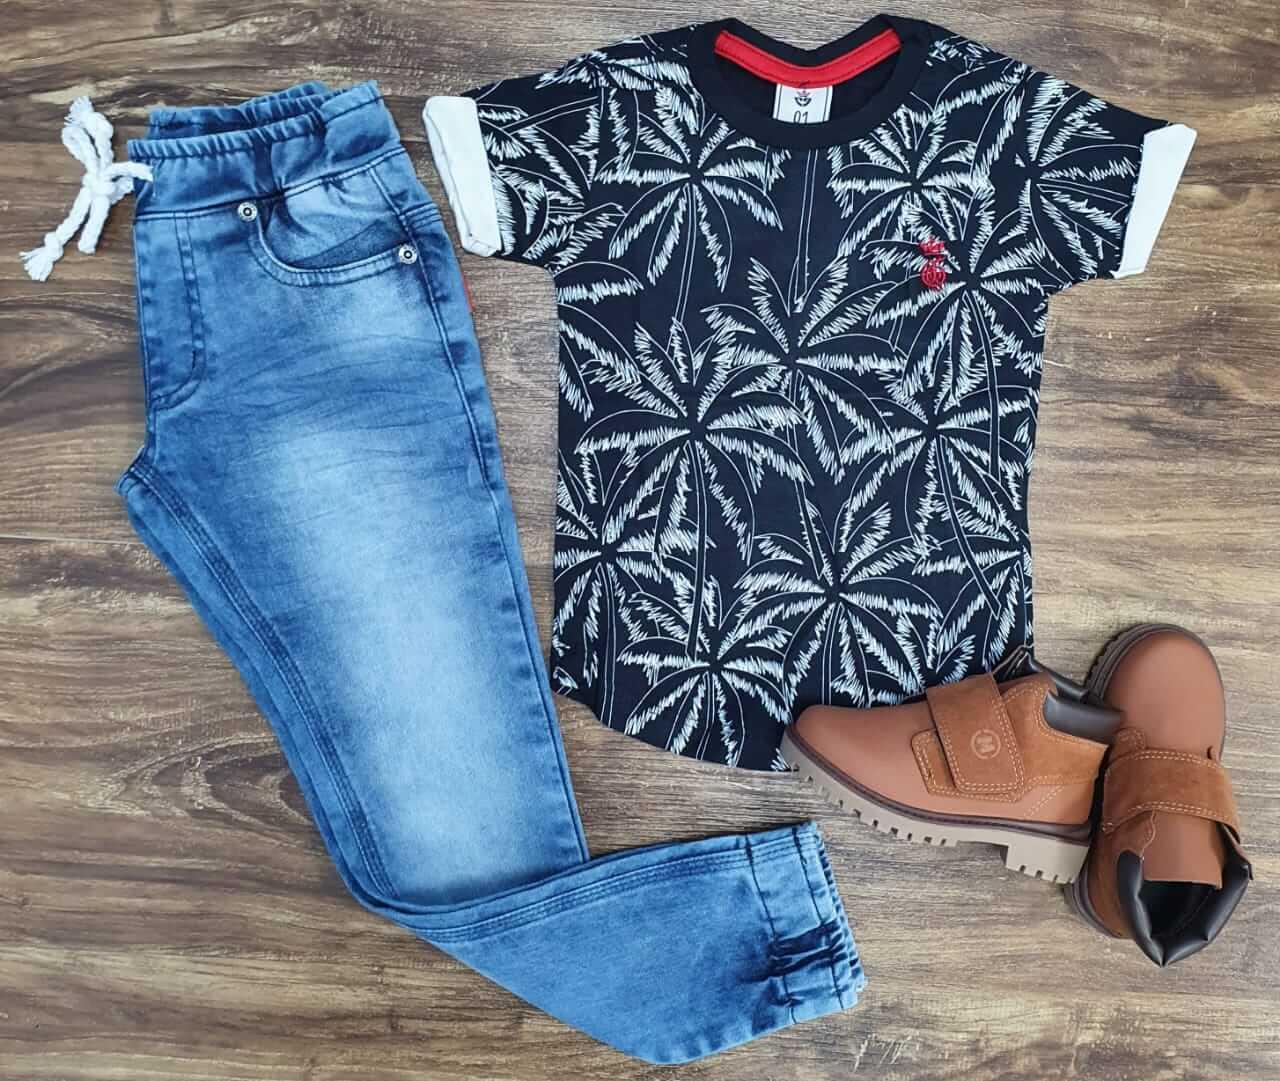 Calça Jeans Jogger com Camiseta Coqueiros Infantil